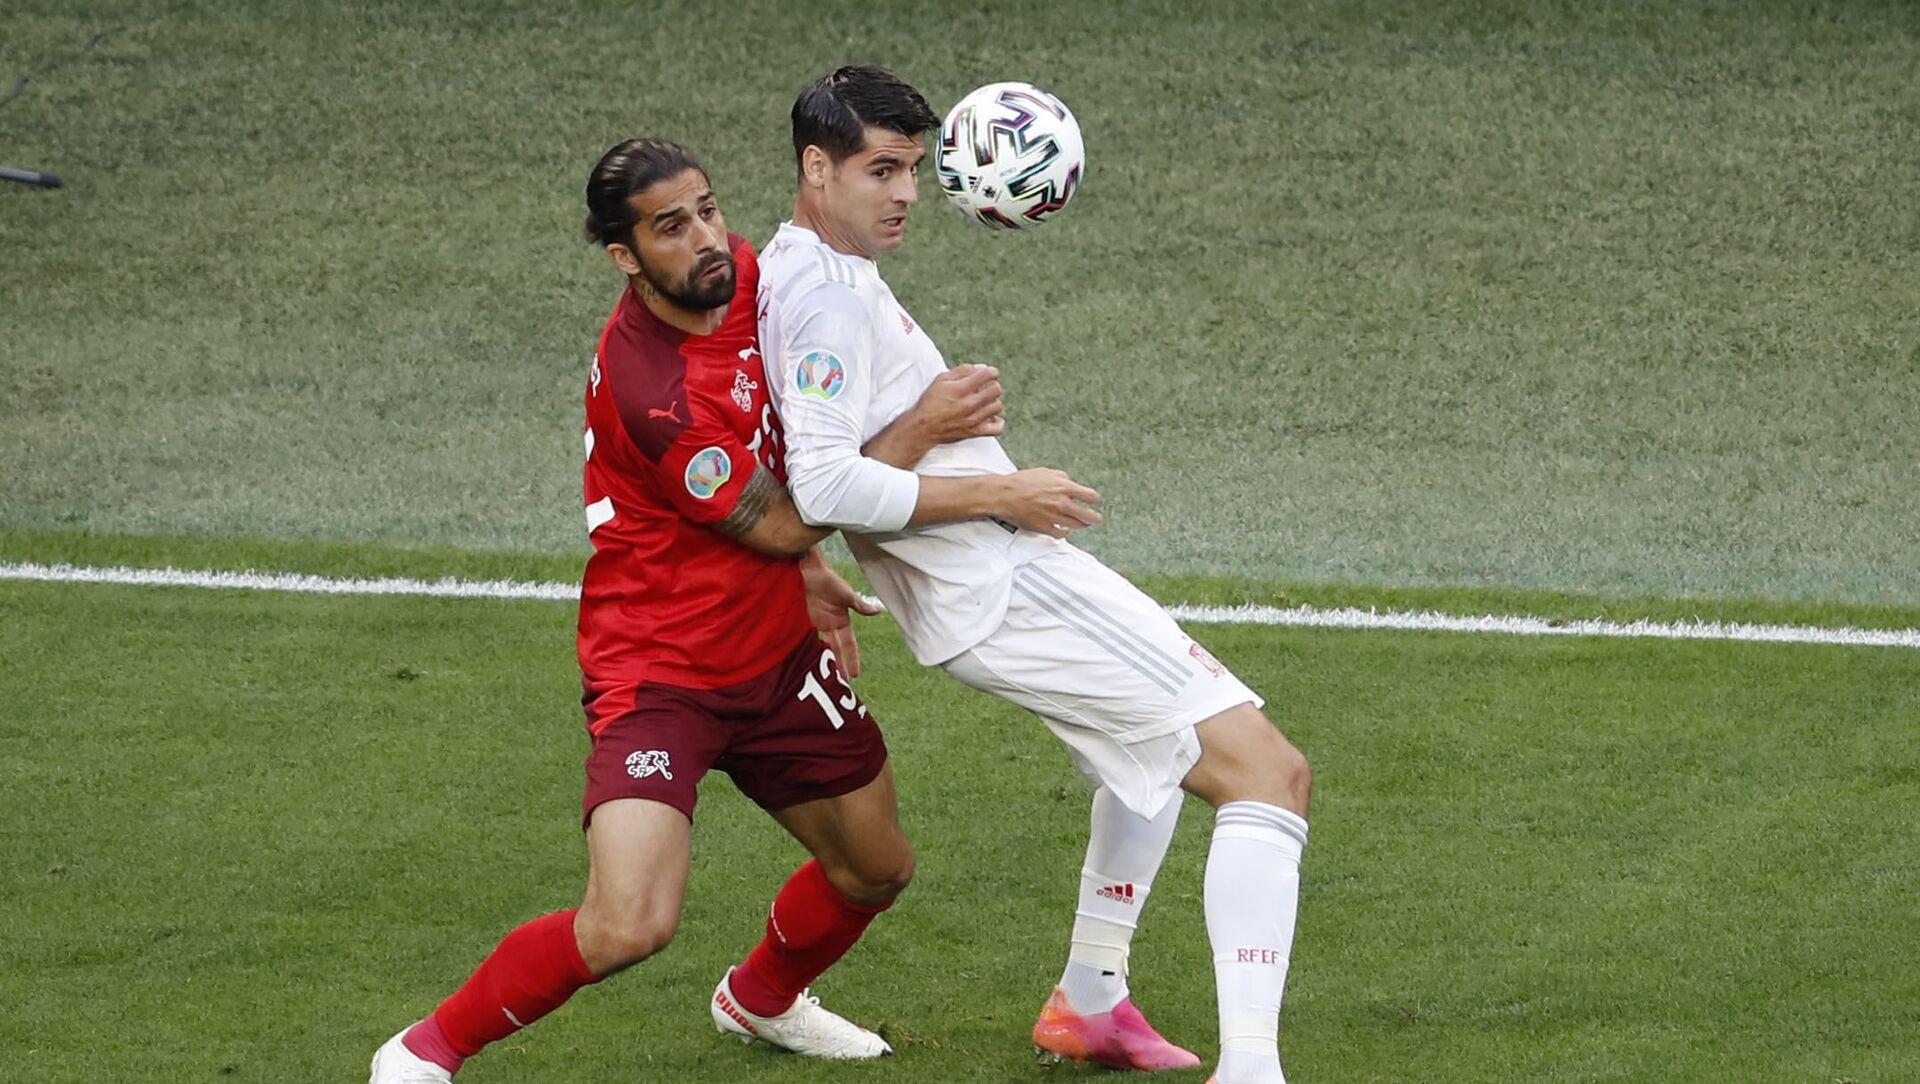 Trận đấu giữa đội tuyển quốc gia Tây Ban Nha và Thụy Sĩ tại Euro 2020 - Sputnik Việt Nam, 1920, 03.07.2021